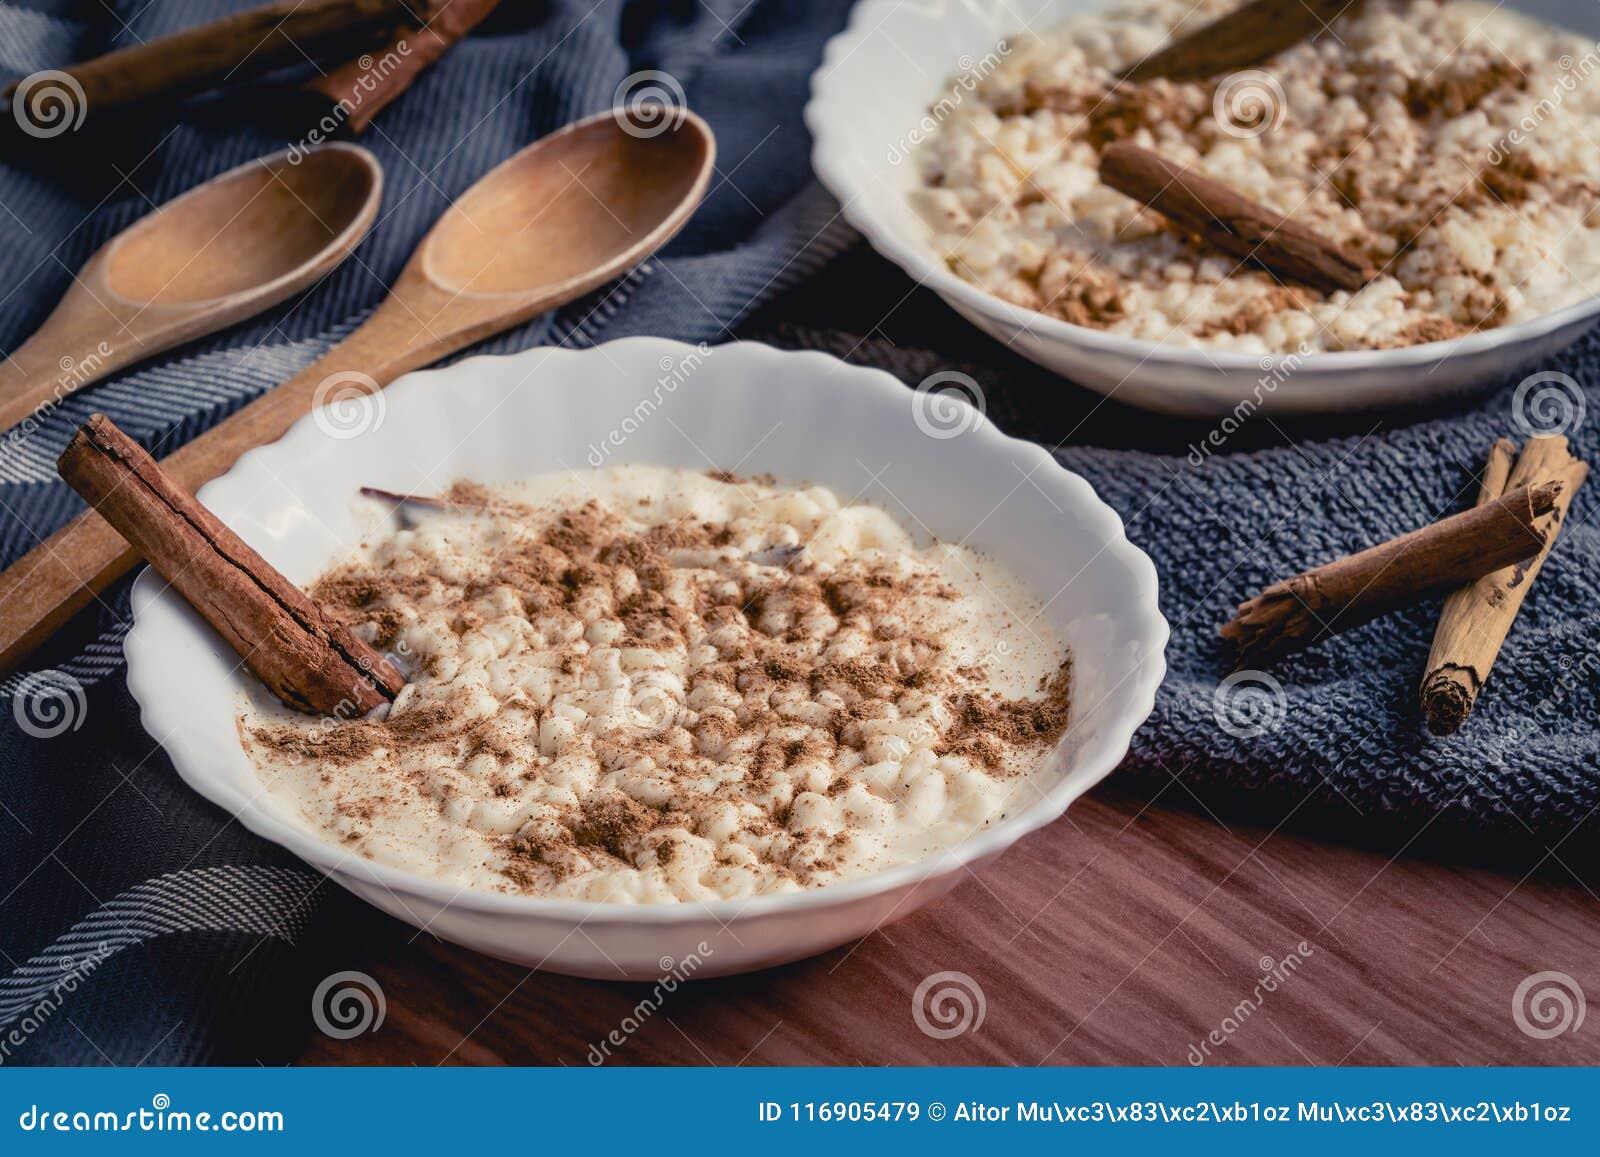 Budino di riso cremoso cucinato con cannella